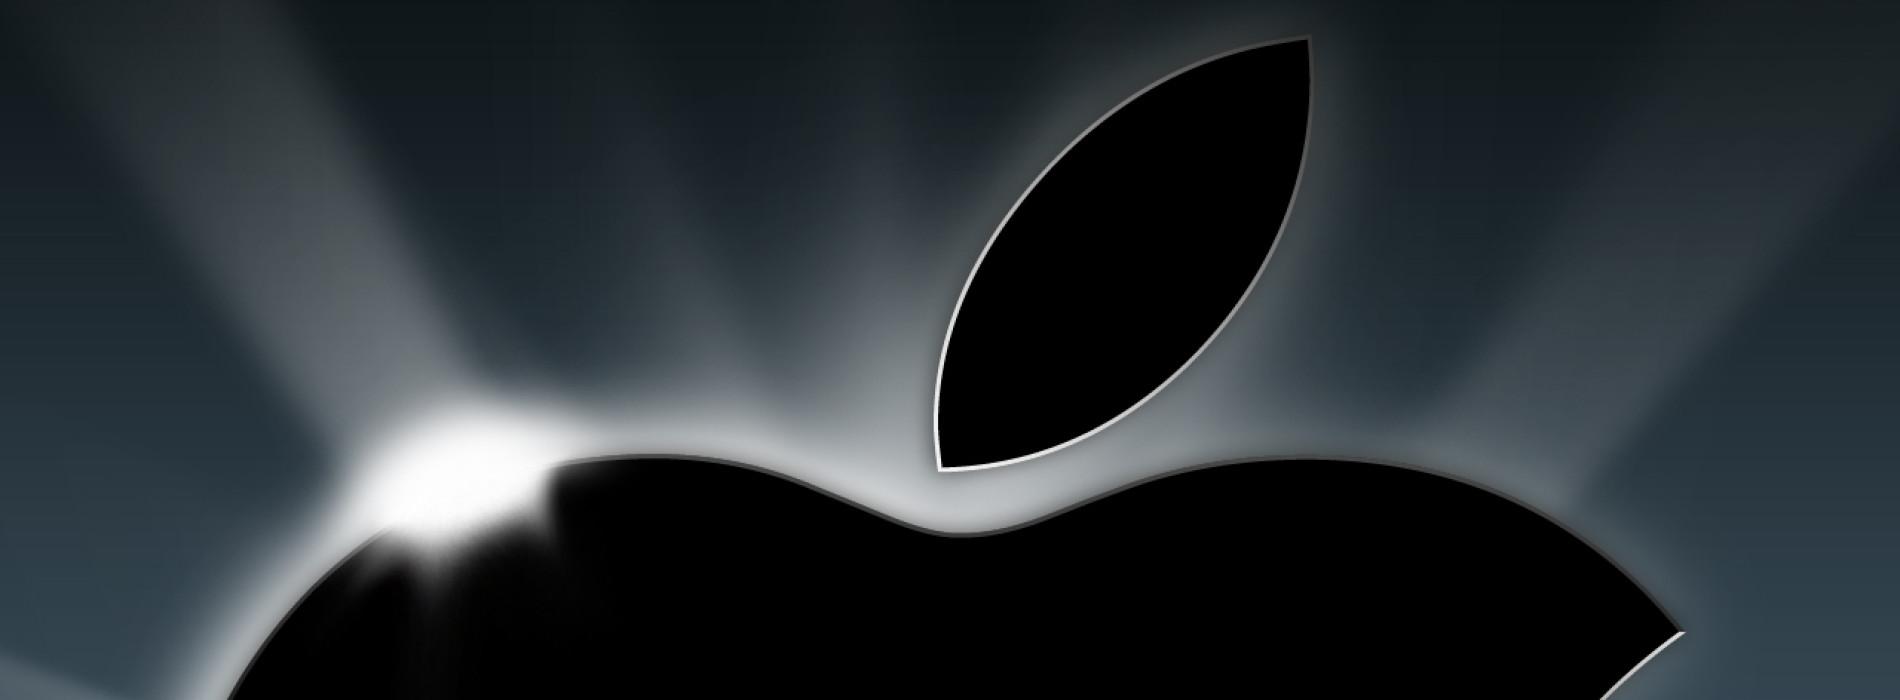 Raport Apple i sytuacja we Włoszech sprzyjają optymizmowi